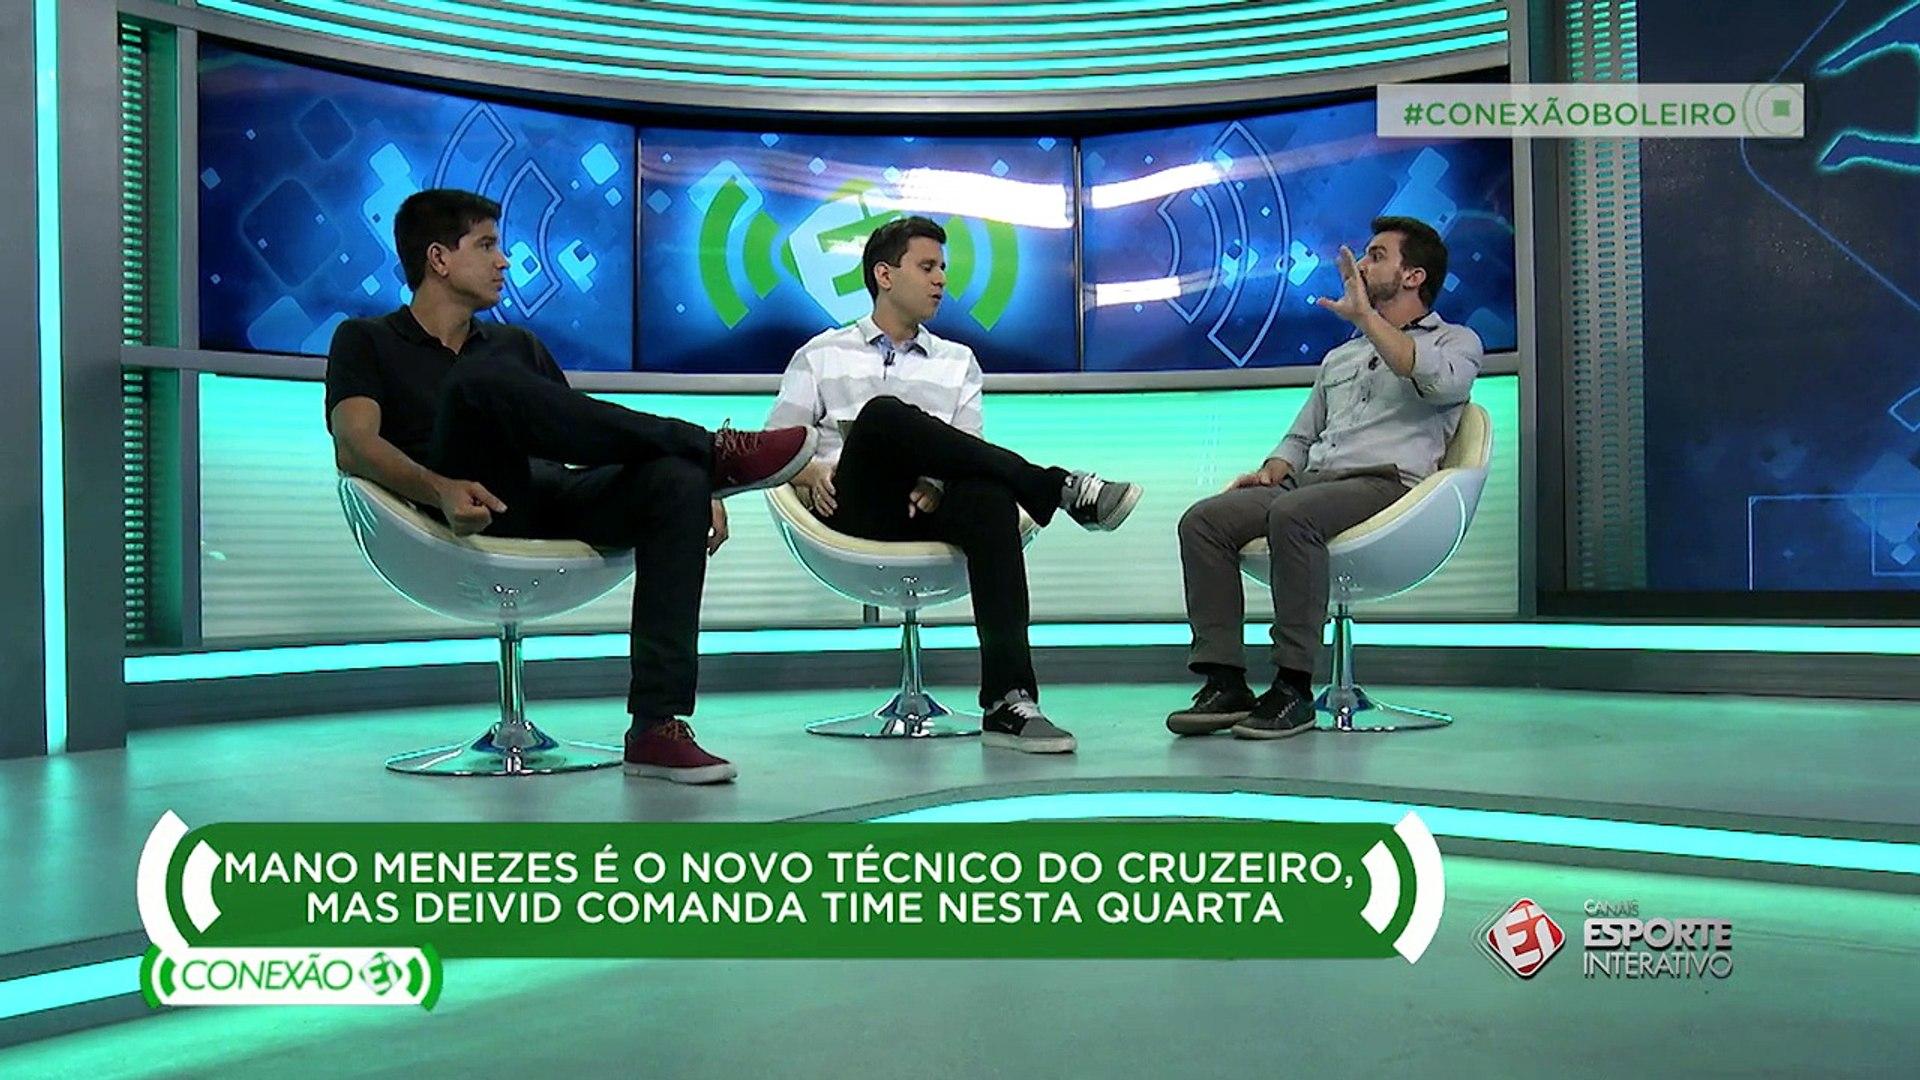 Getulio Vargas e Fernando Campos analisam a contratação de Mano Menezes, pelo Cruzeiro